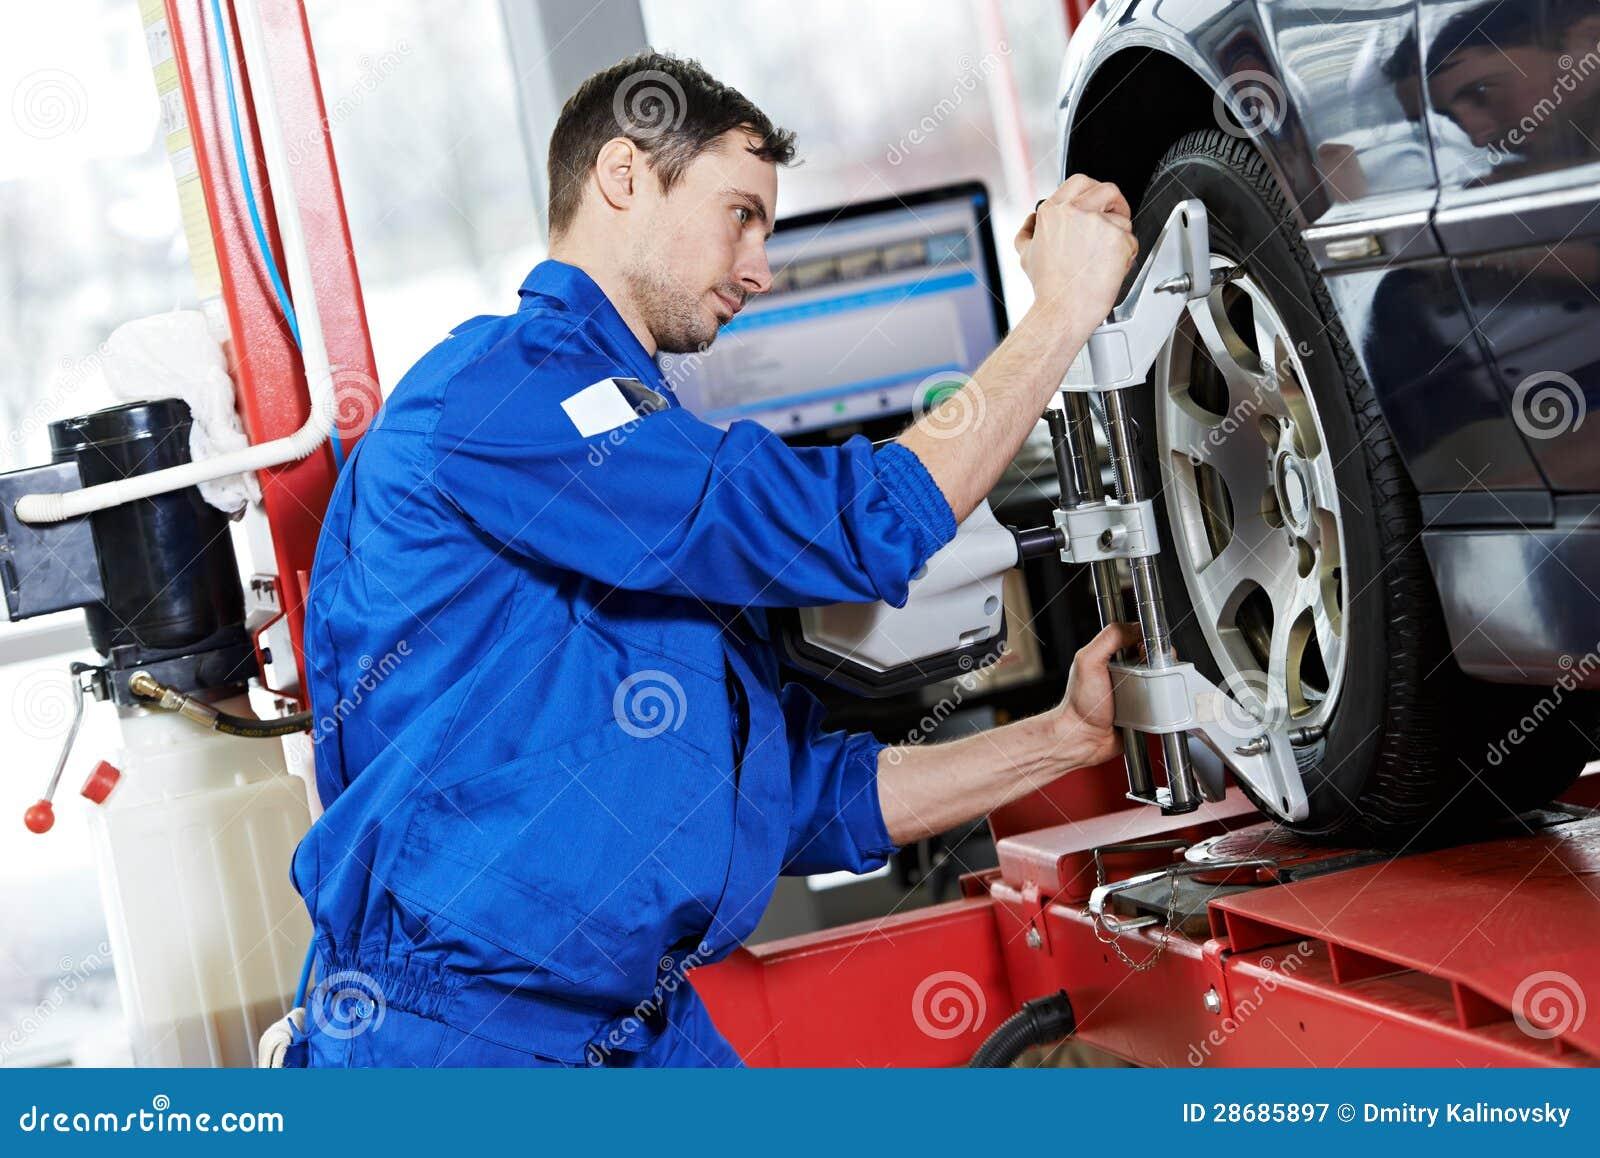 汽车机械师在与扳手的车轮调整工作